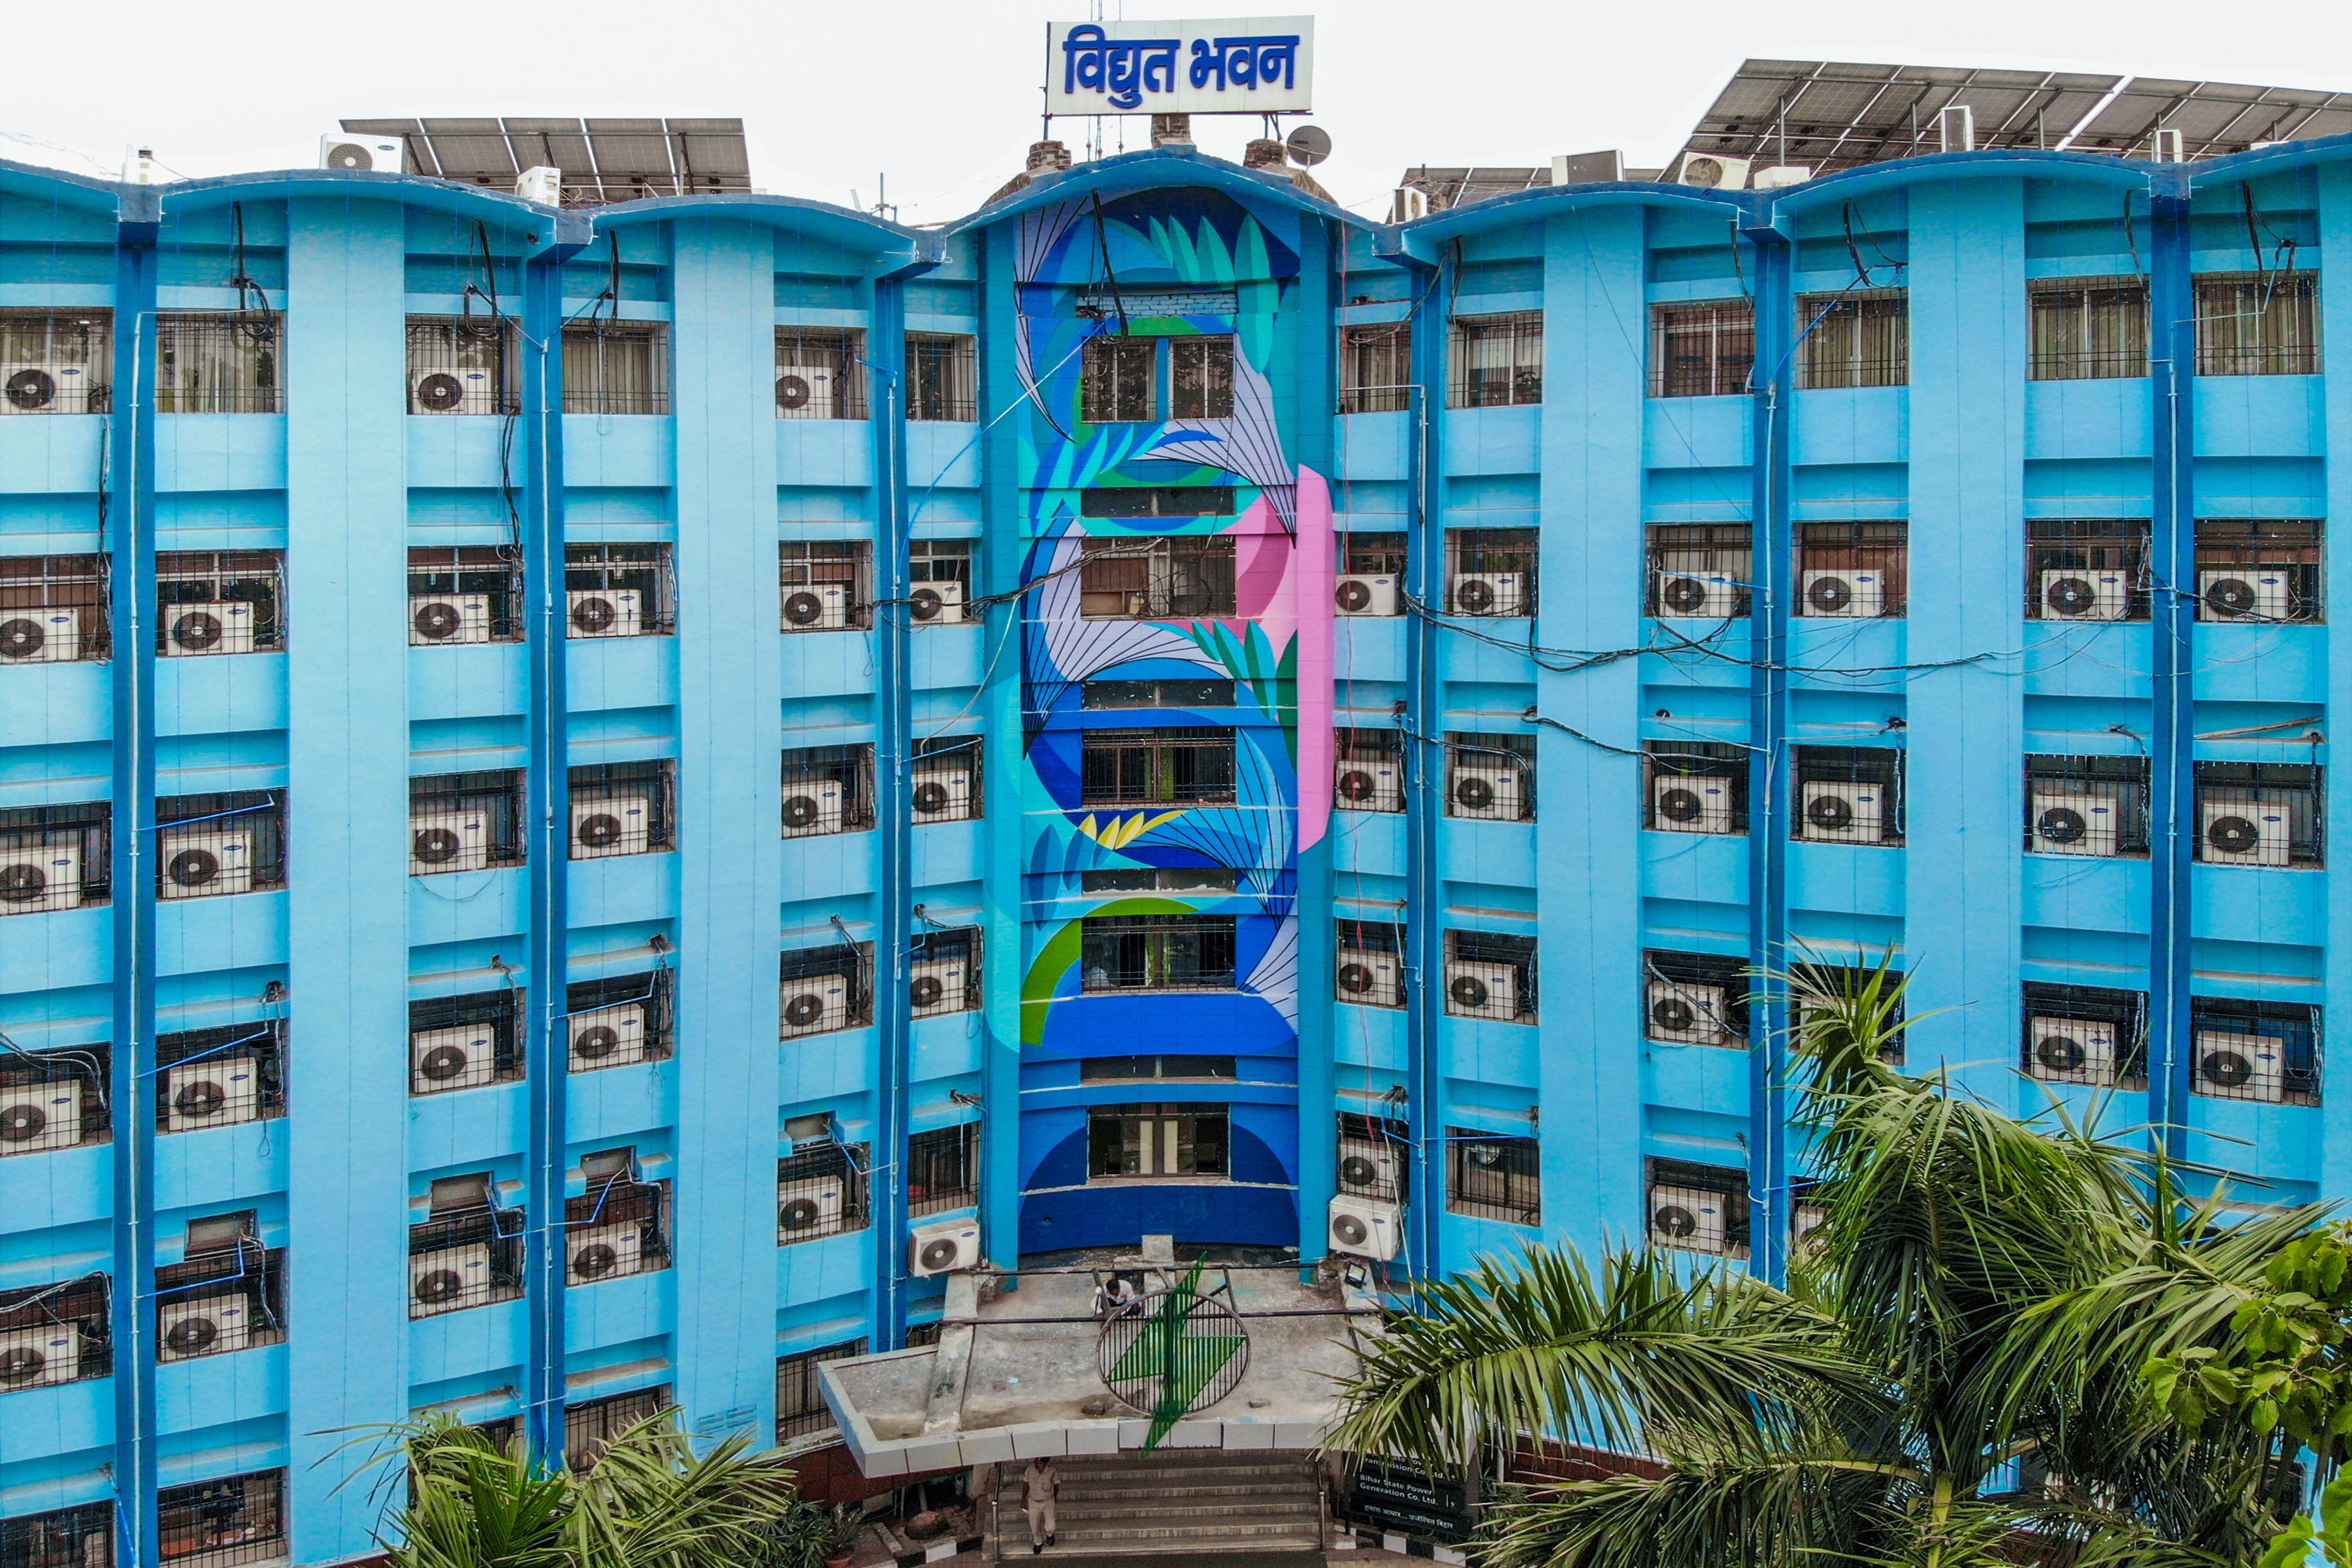 Johnson Reveals St Art Patna 2019 Pranav Jay 8